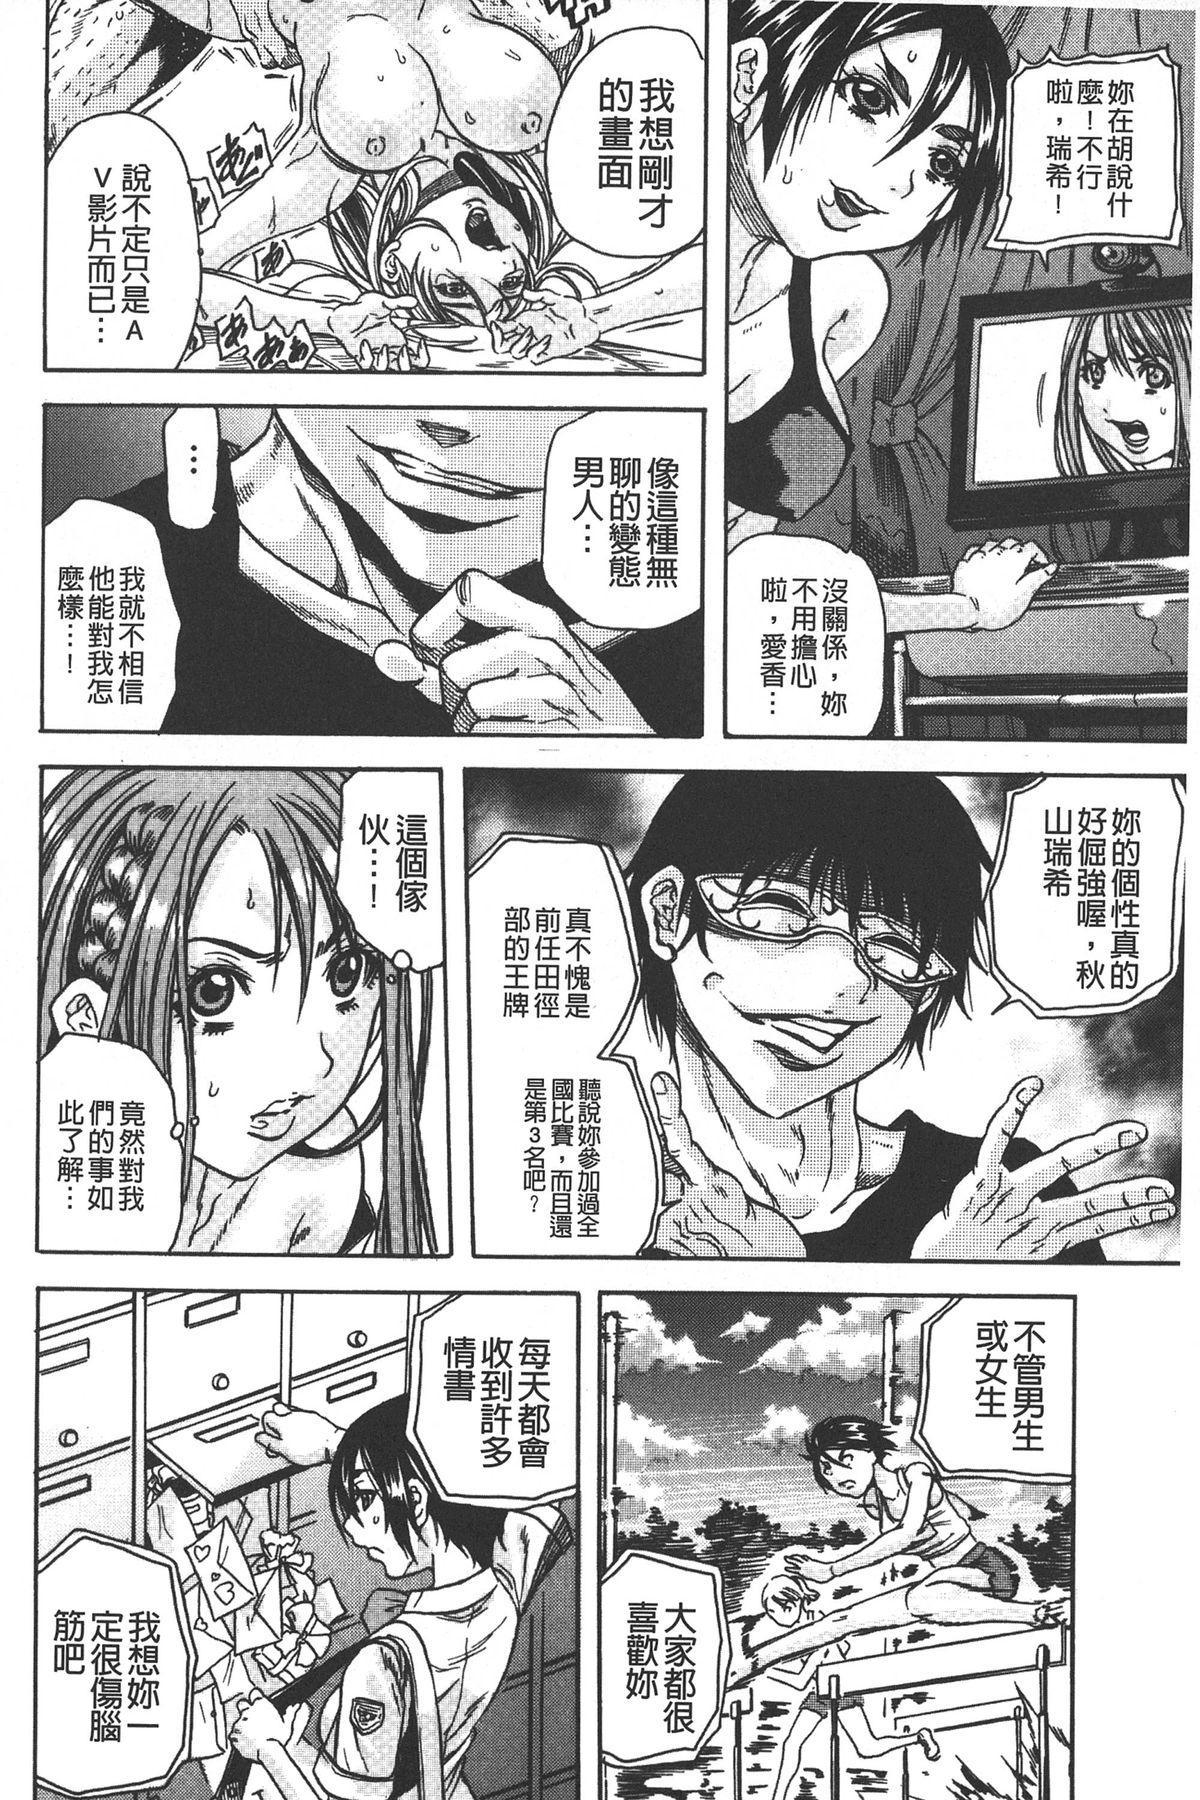 Ryoujoku Kyoushitsu 22